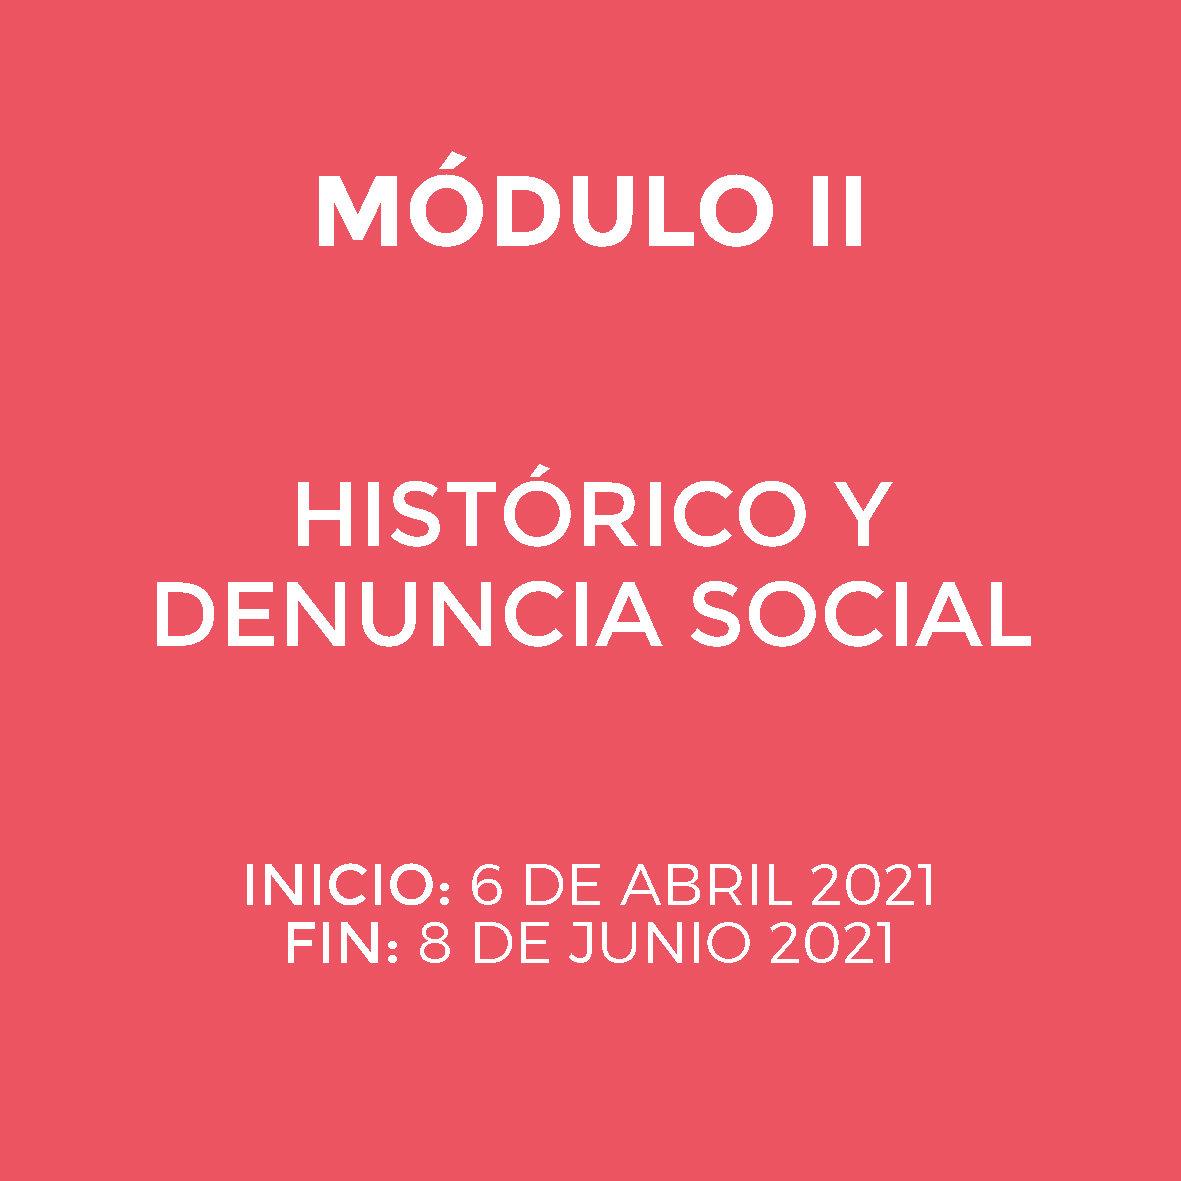 Módulo II - HISTÓRICO Y DENUNCIA SOCIAL